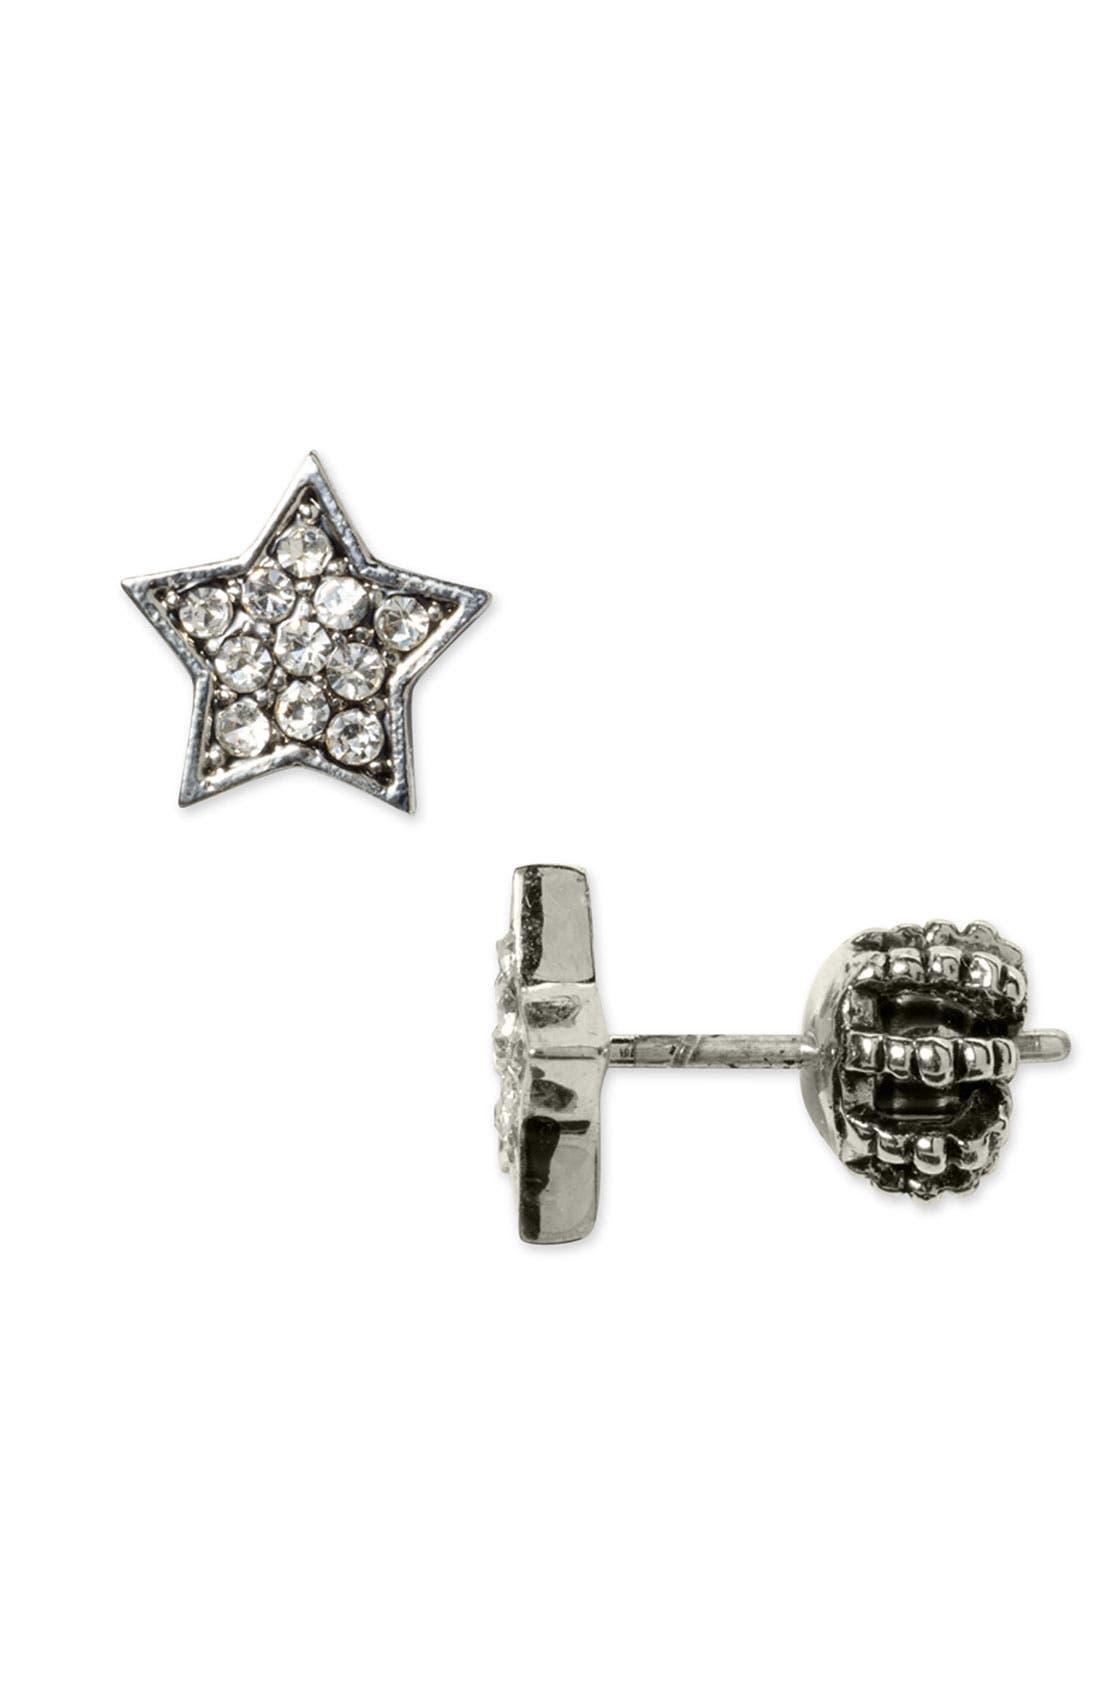 Alternate Image 1 Selected - Juicy Couture 'Star' Stud Earrings